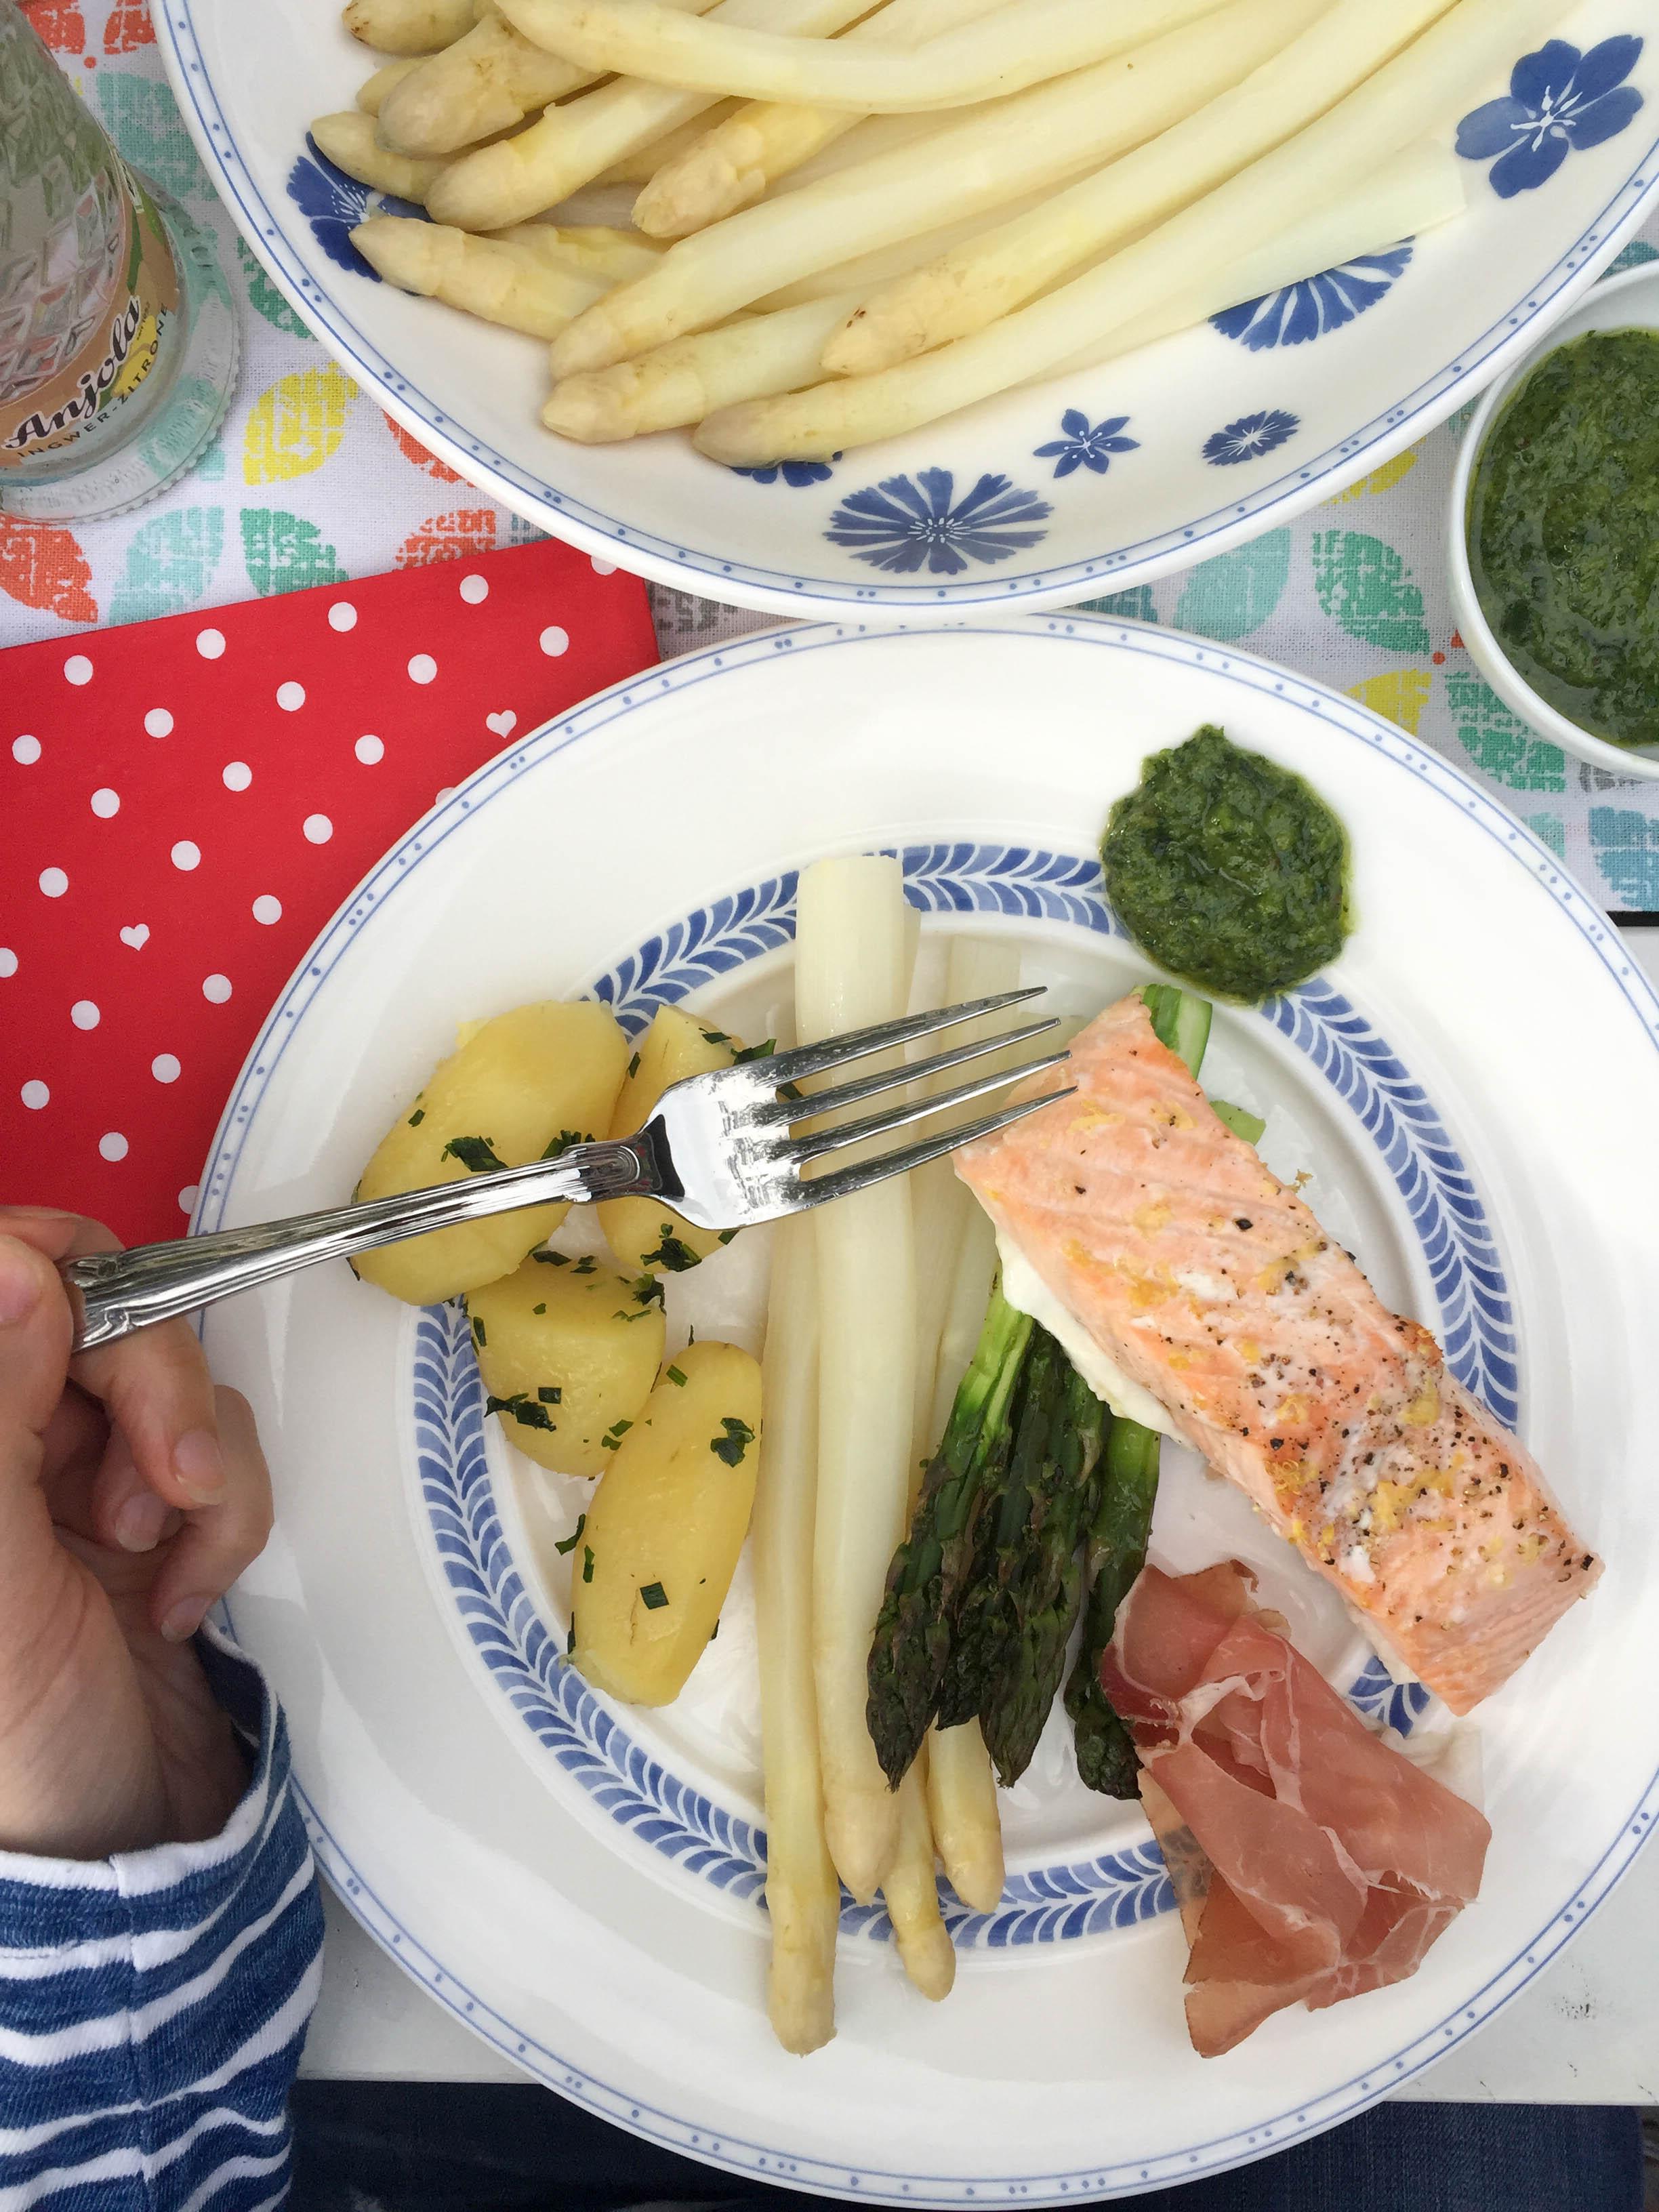 Natürlich gab es, passend zur Jahreszeit, leckersten Heidespargel mit Fisch! Es war so lecker.